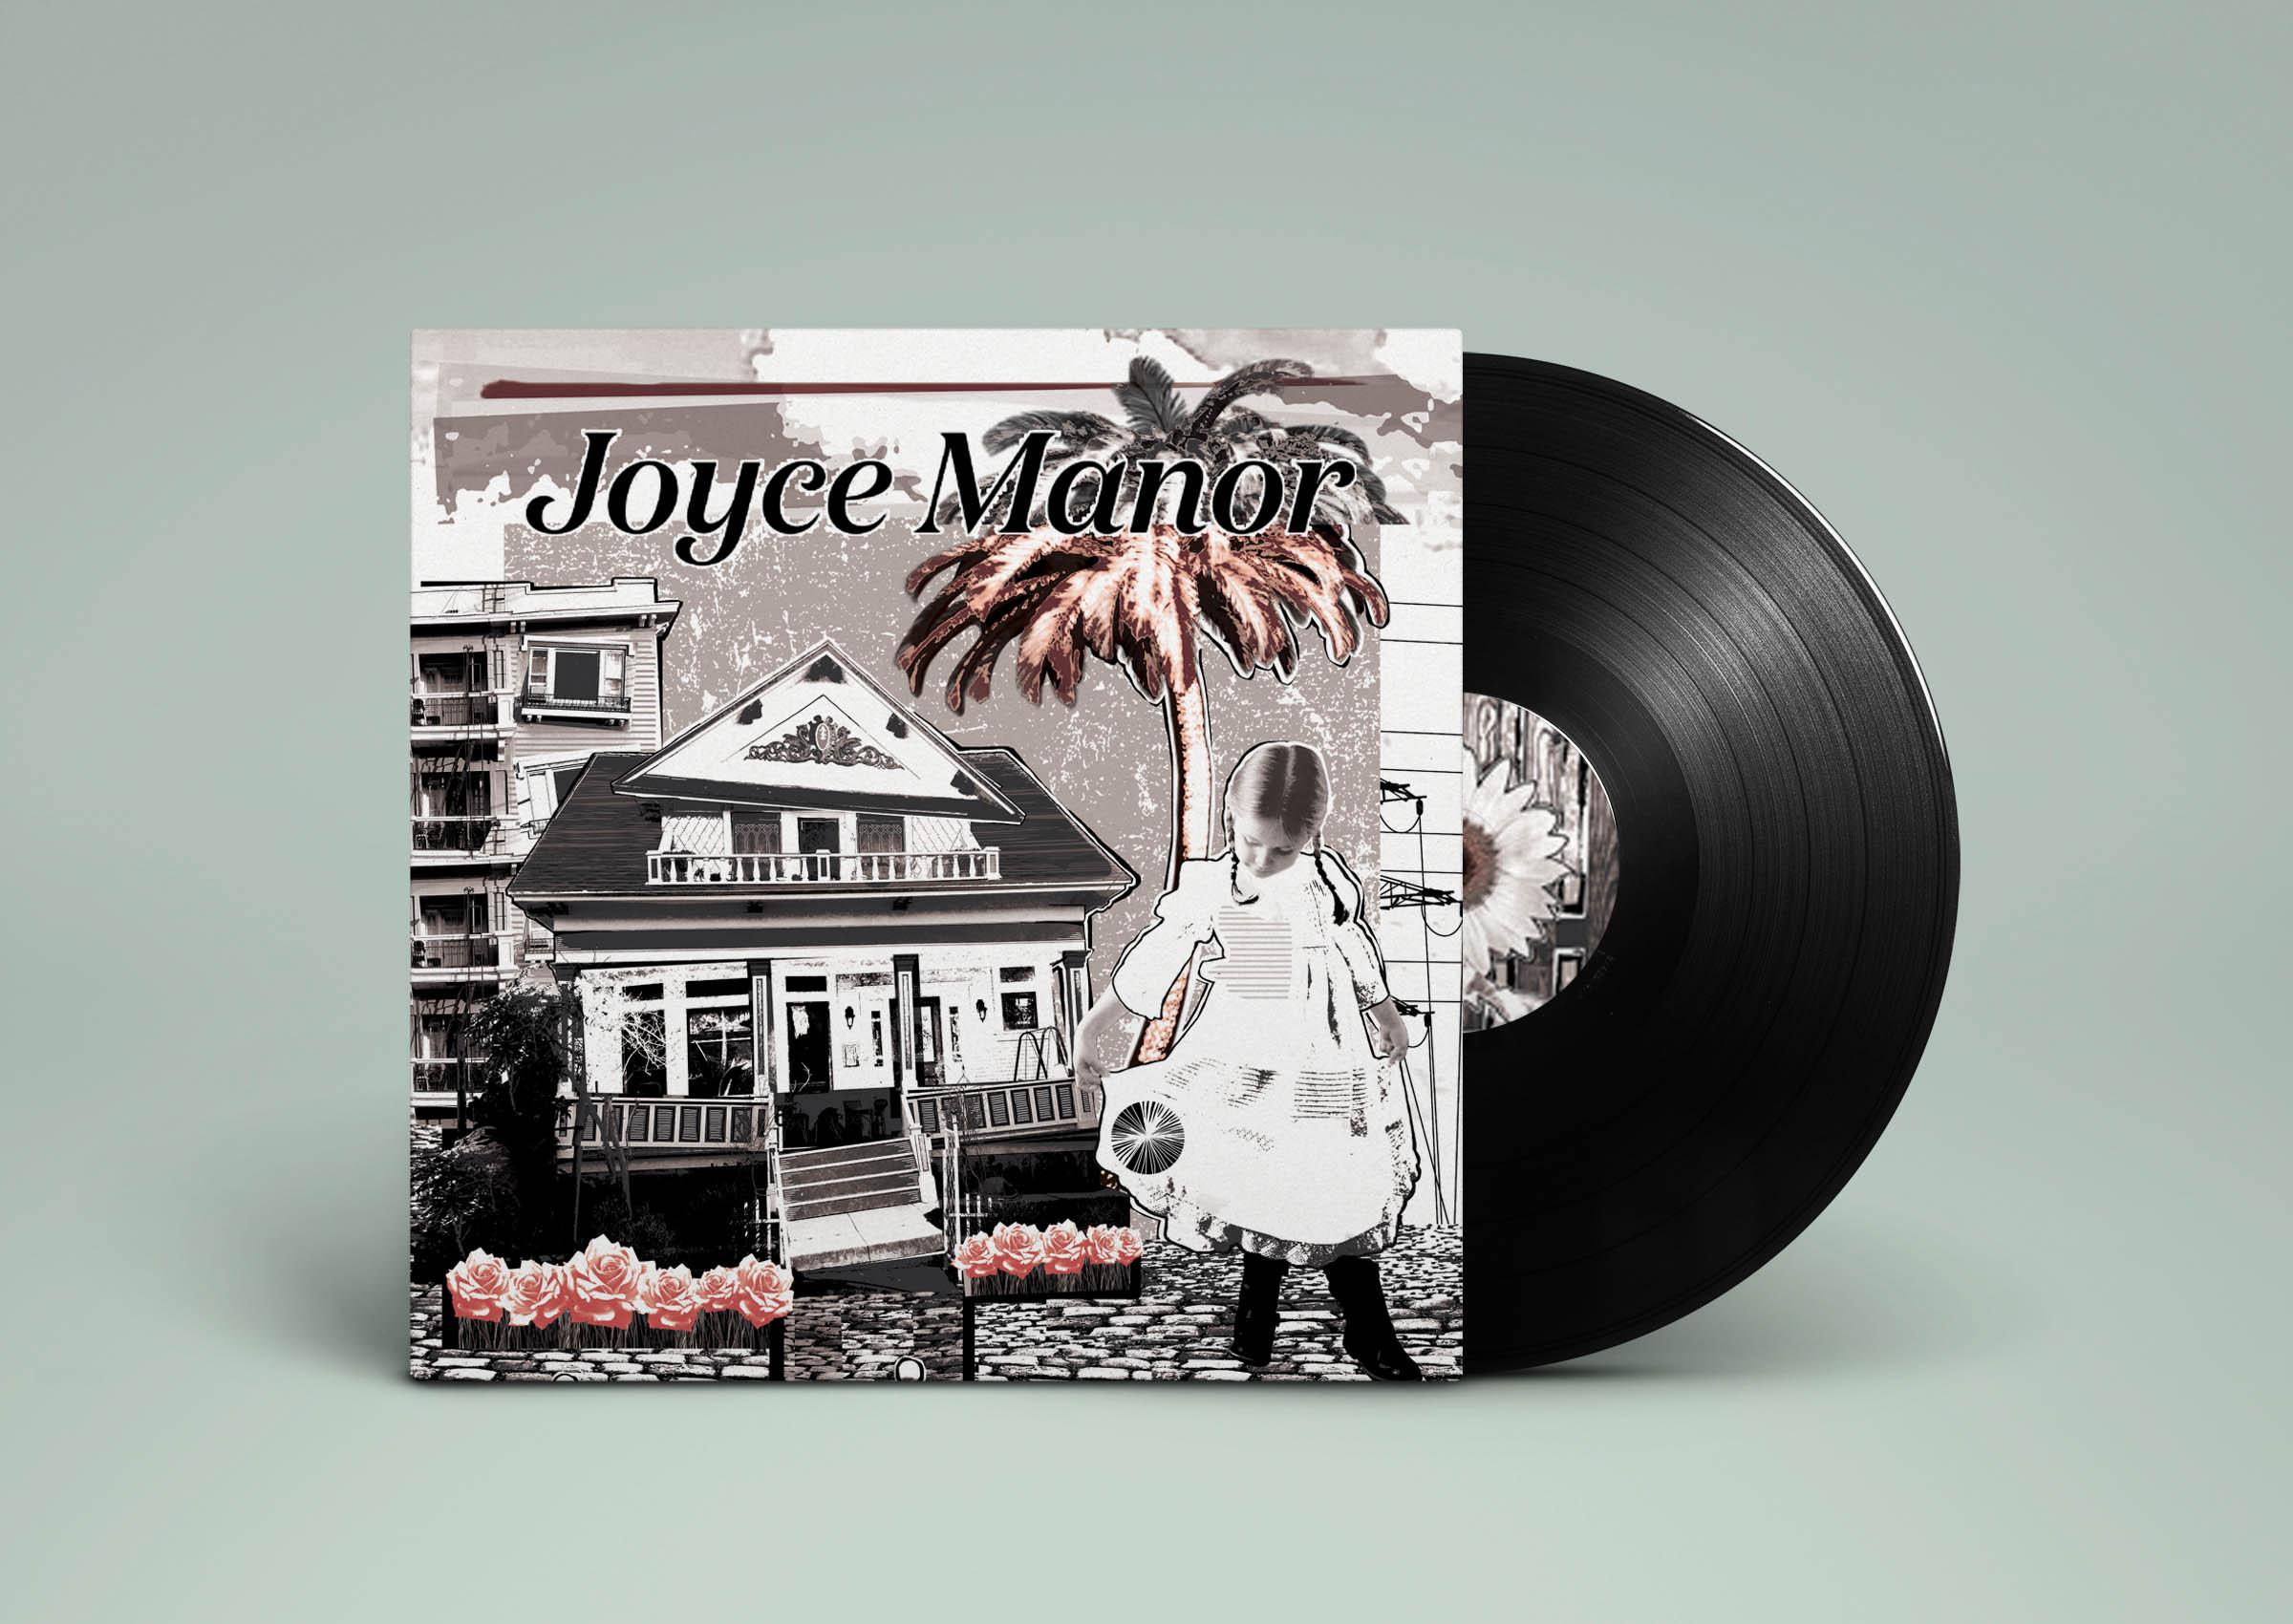 Joyce Manor | Album Art – Dylan J Davis